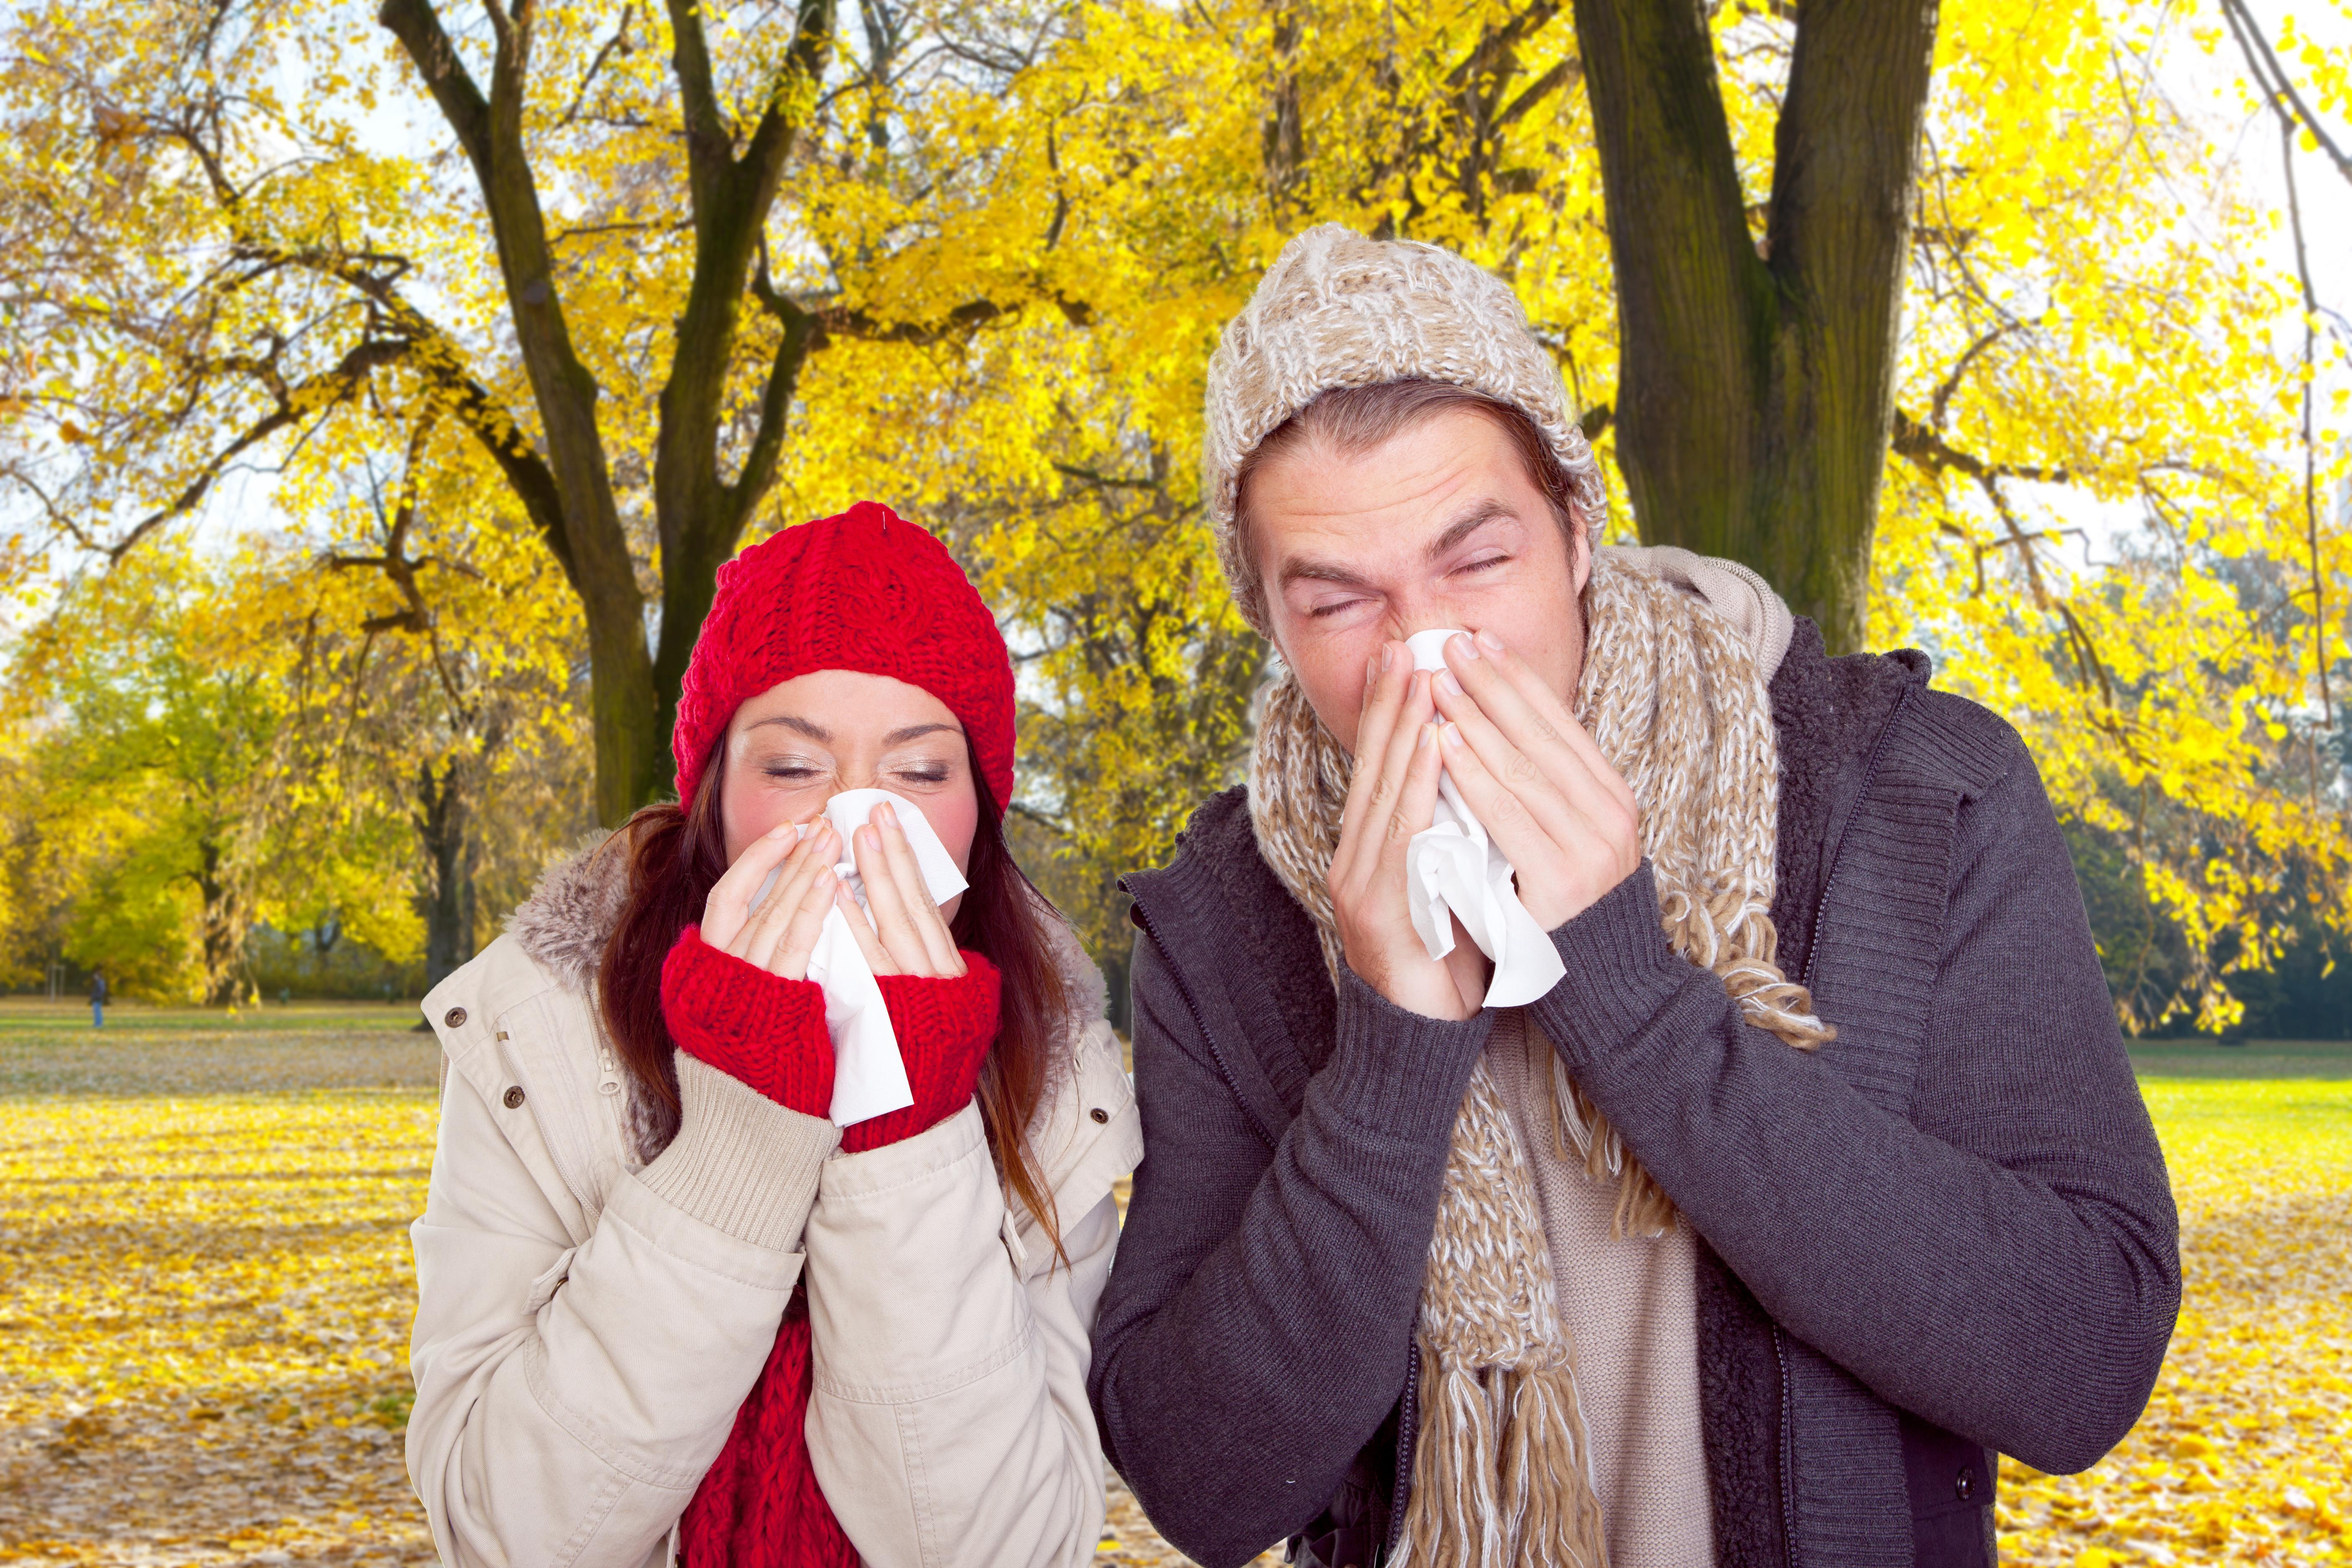 Ein grippaler Infekt kann sich schnell verbreiten © Fotowerk - Fotolia.com